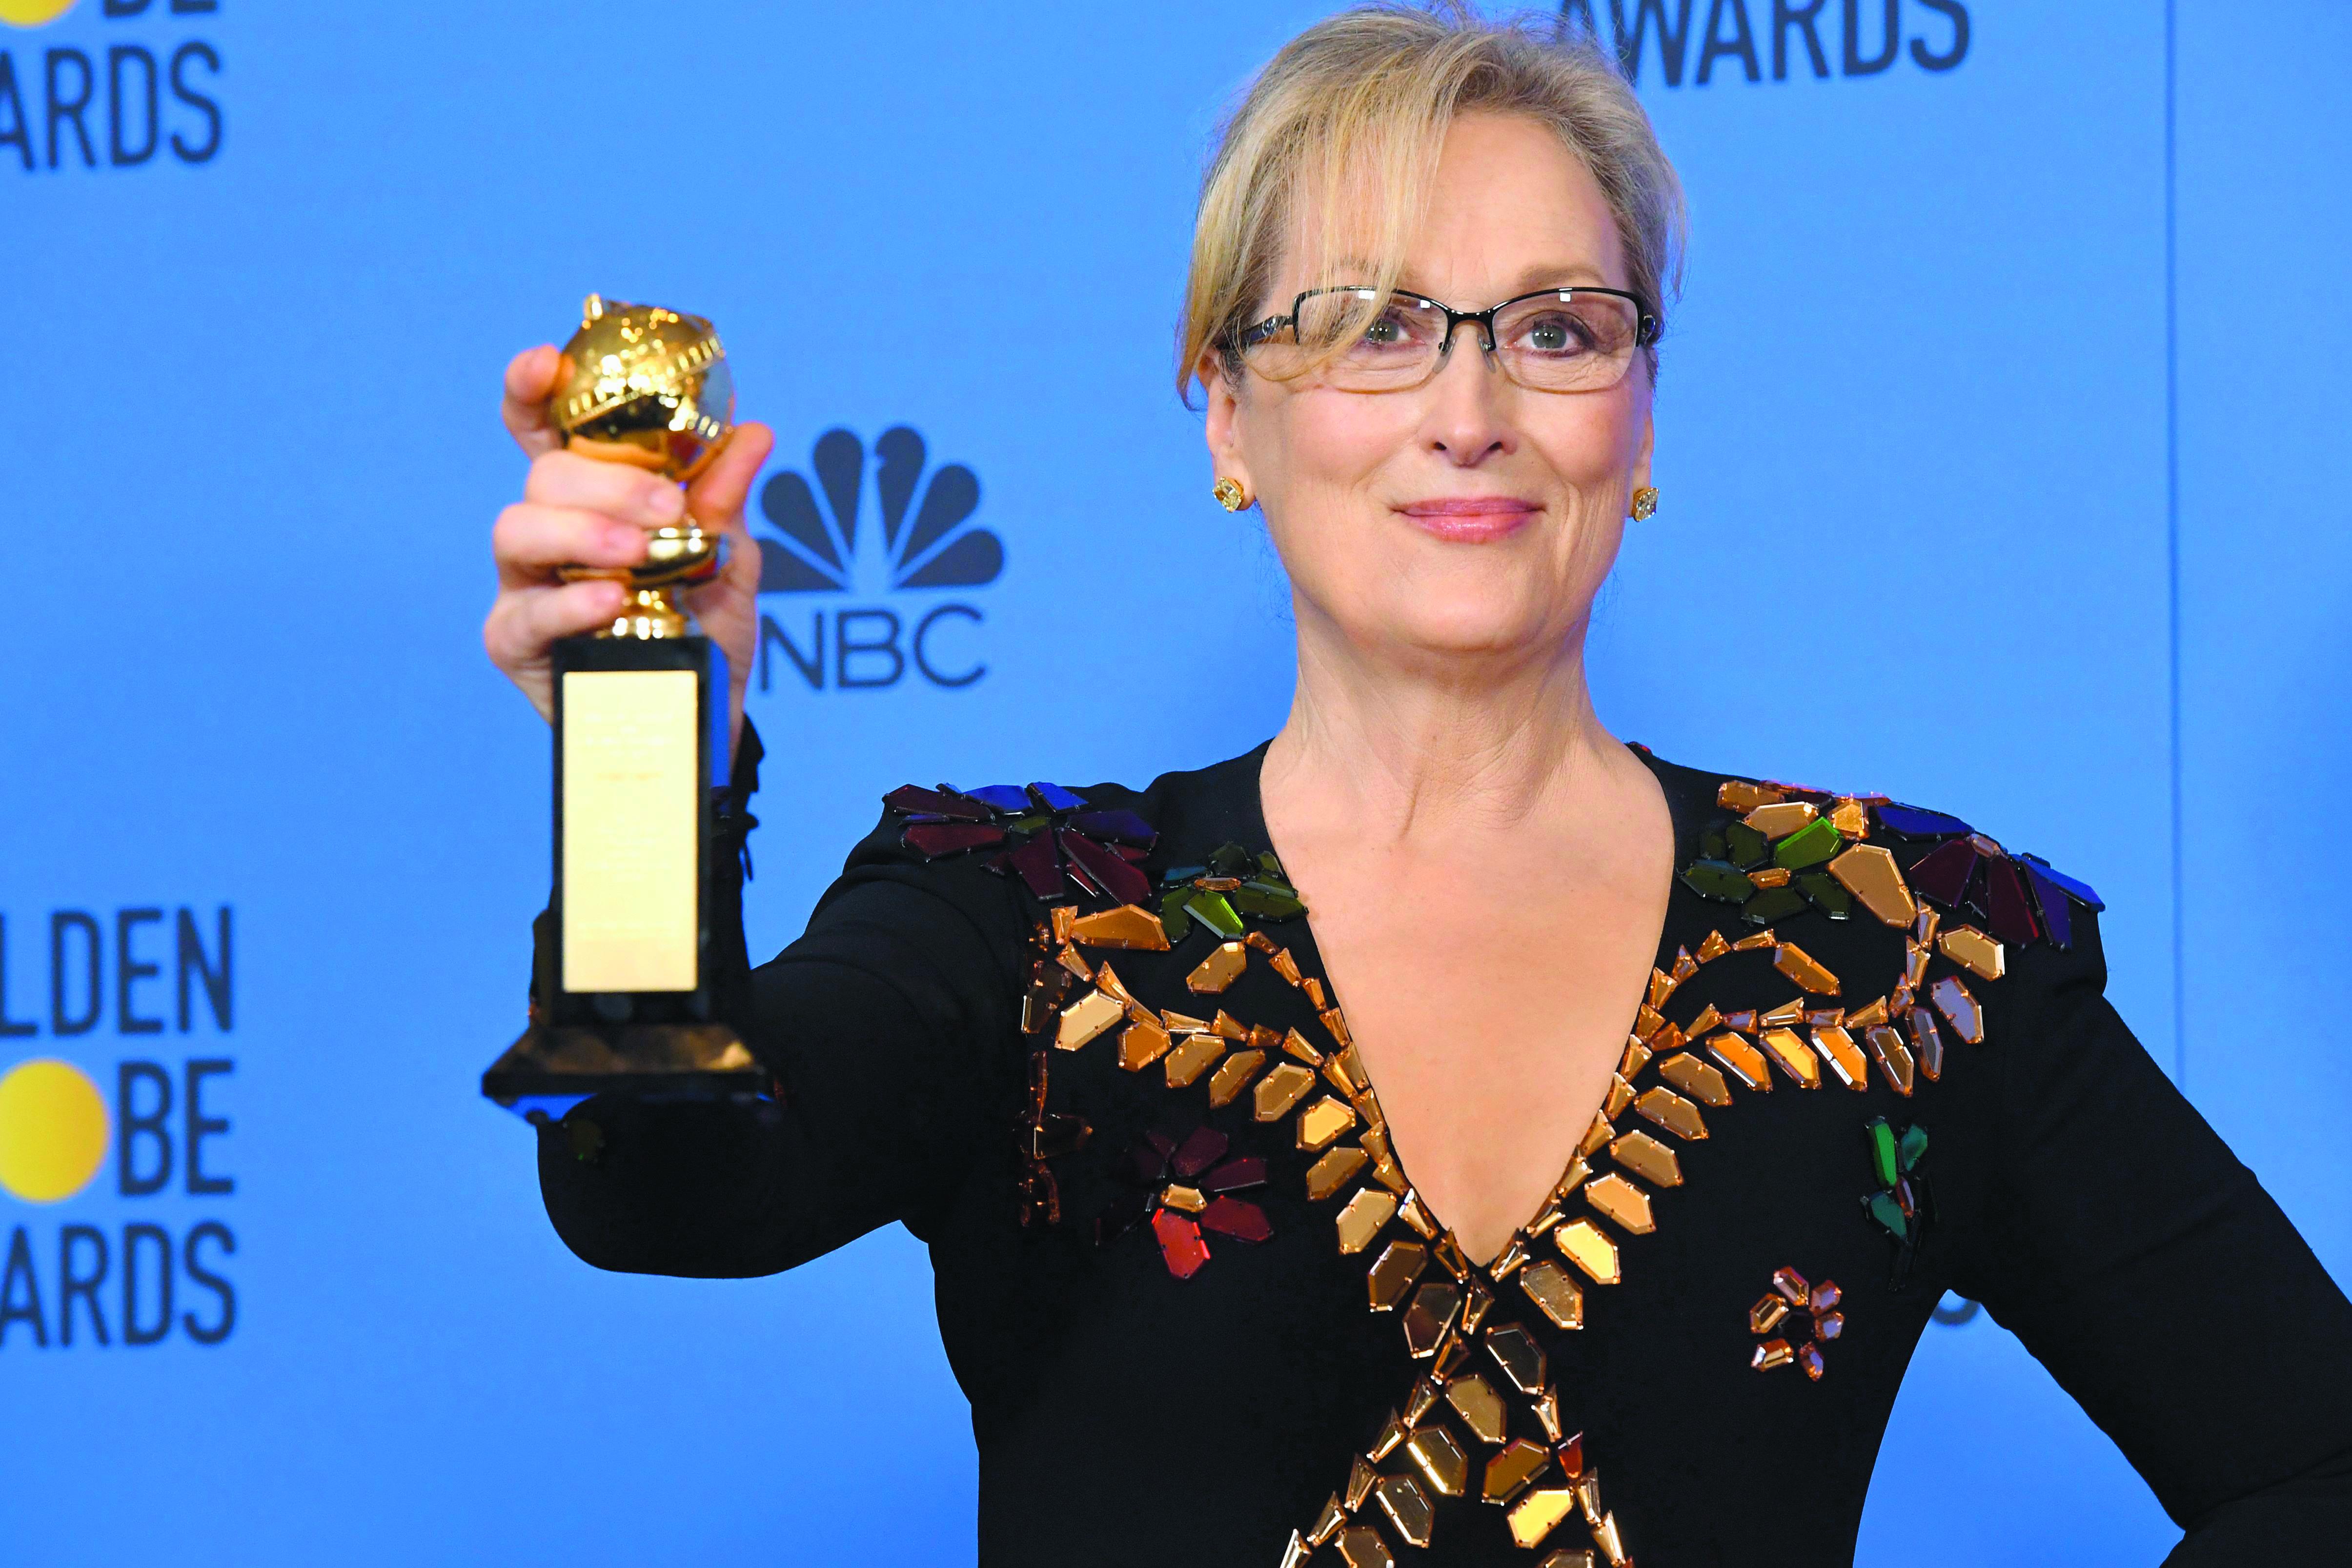 Globo de Ouro: Meryl Streep critica Donald Trump em discurso